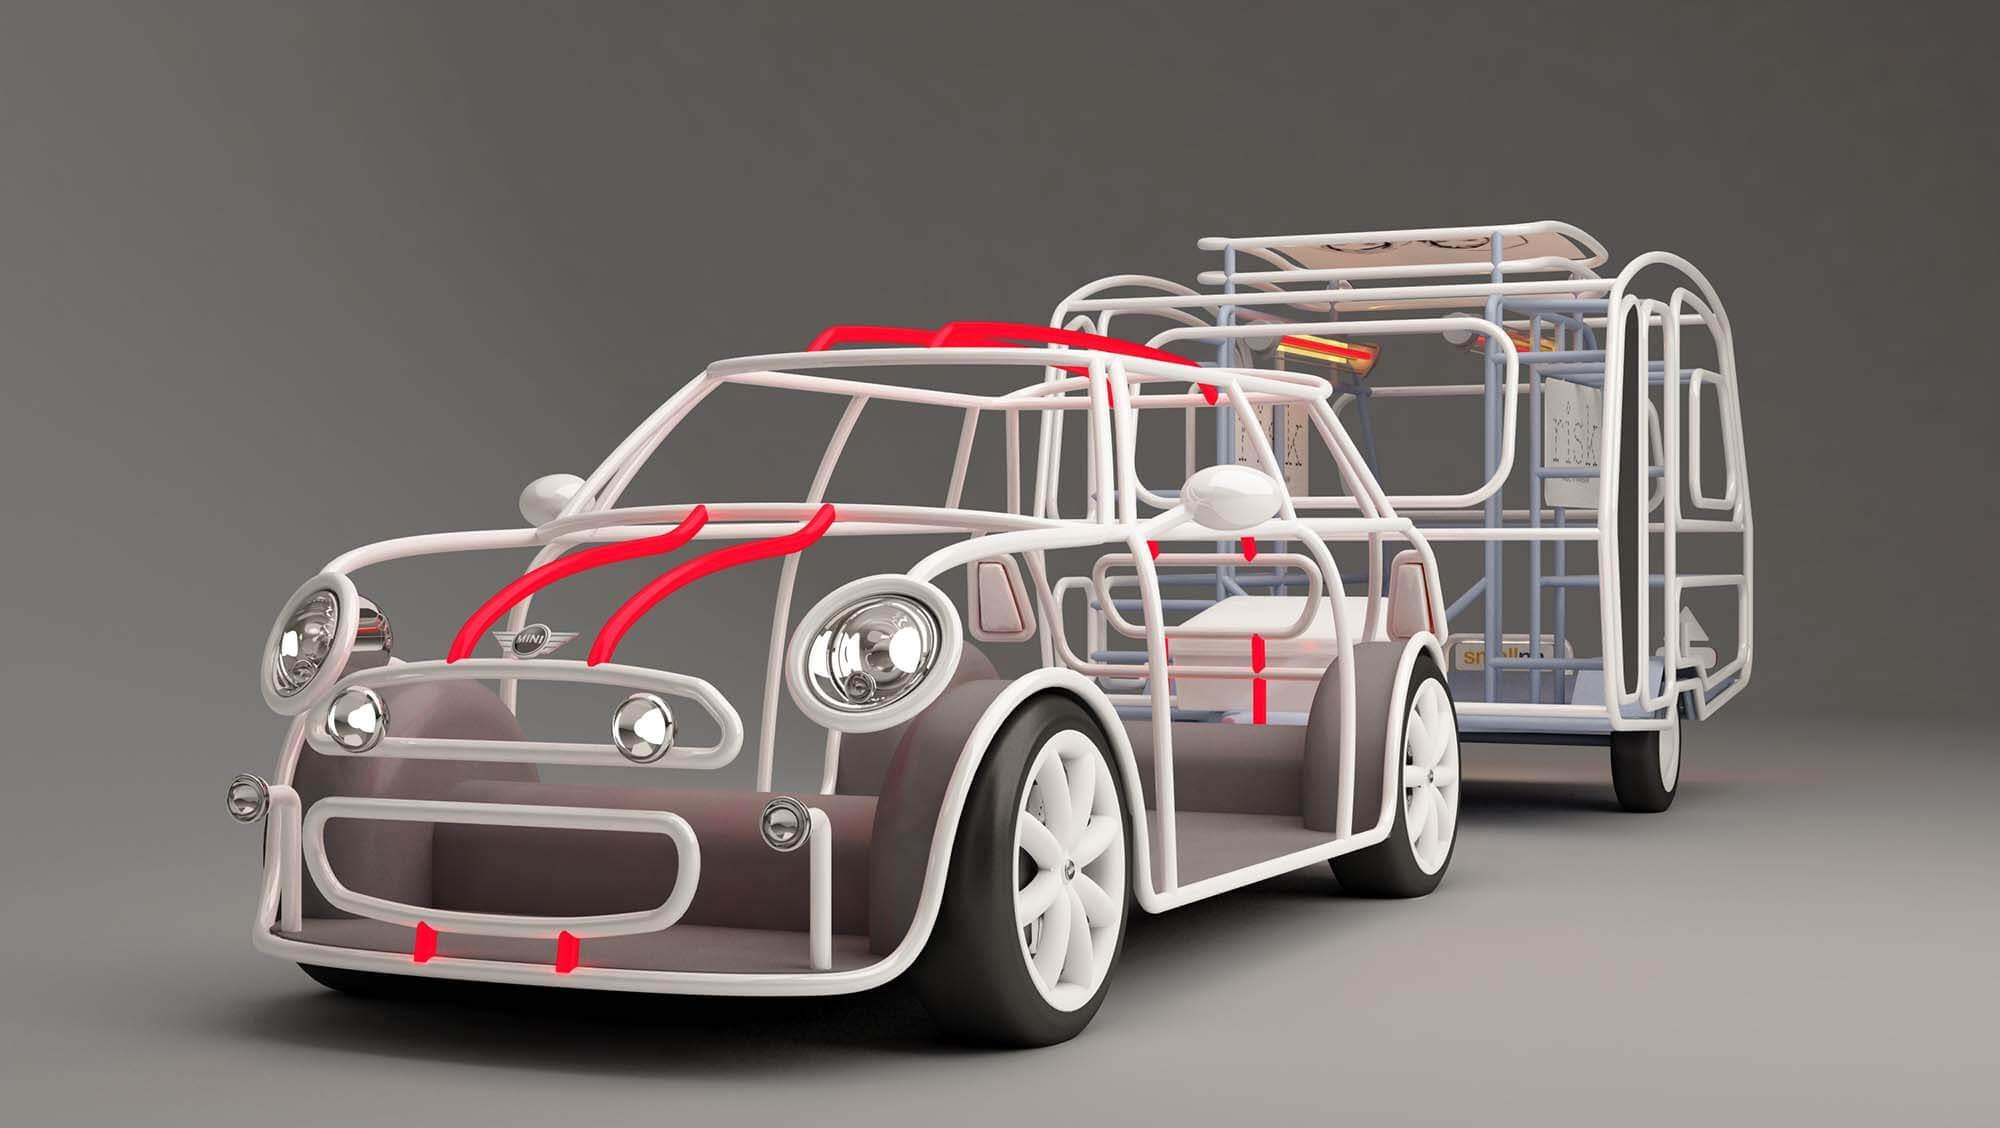 Wizualizacje produktu - promocja marki BMW Mini i Risk Made in Warsaw